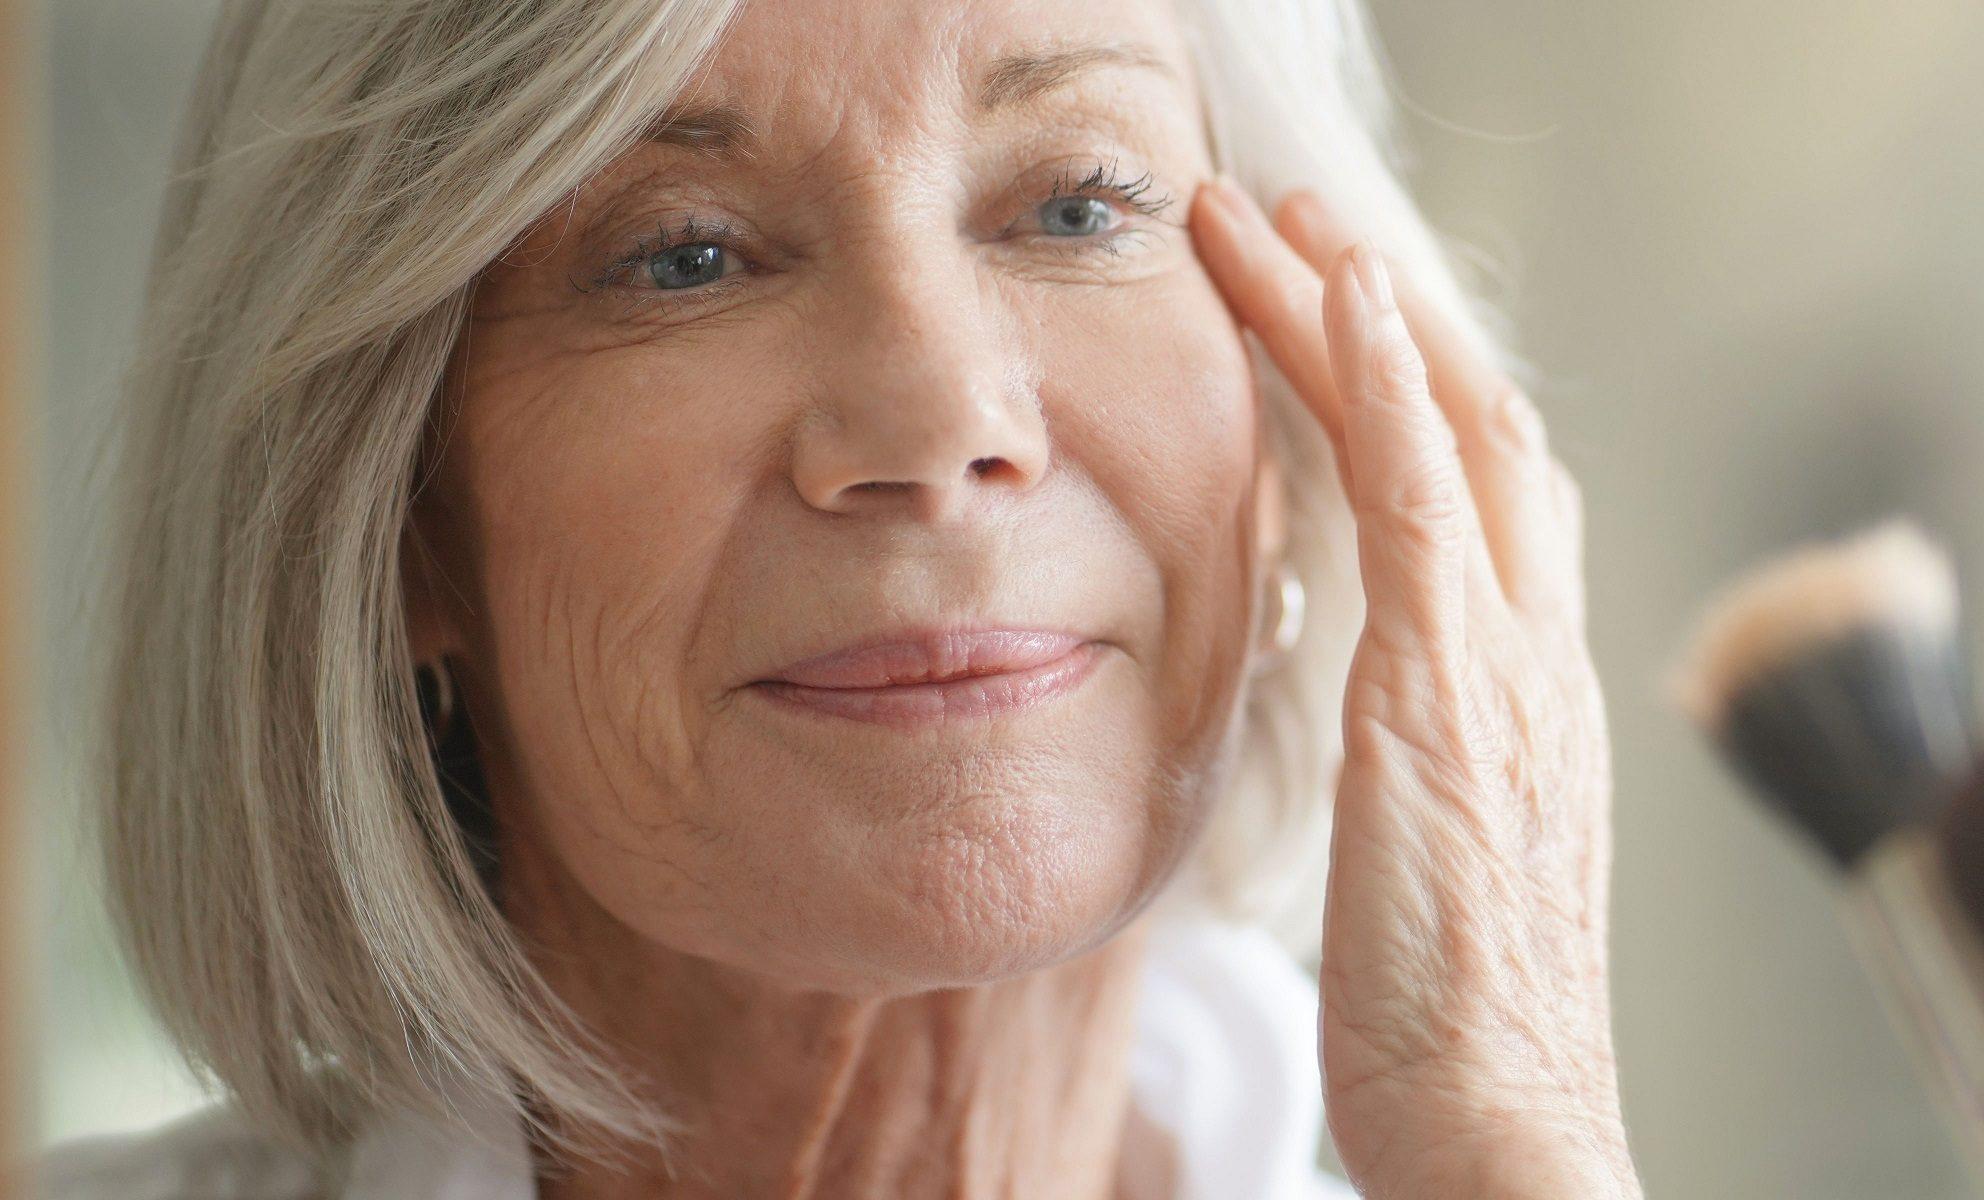 הזדקנות הפנים - מתי הזרקות כבר לא יספיקו